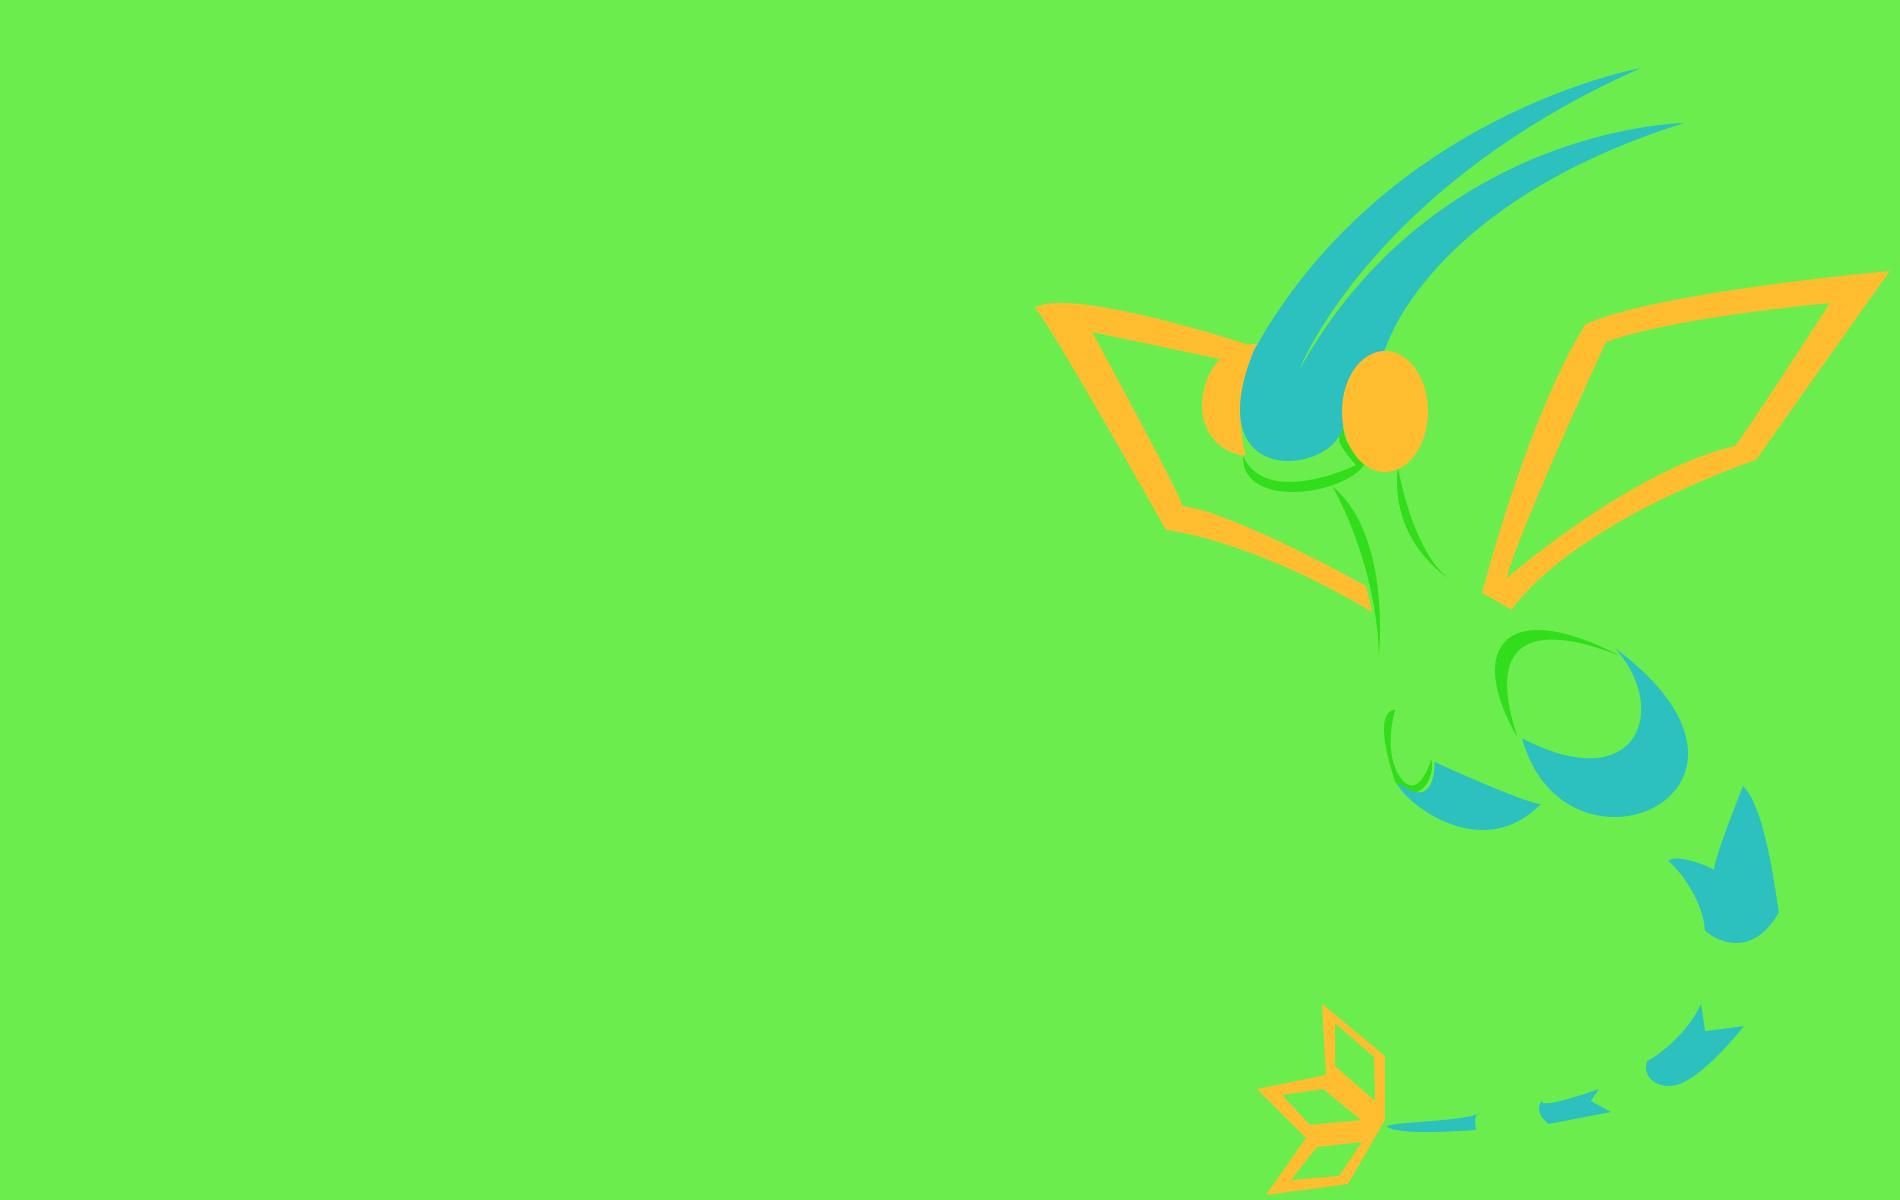 Flygon (Shiny) by PokeTrainerManro on DeviantArt